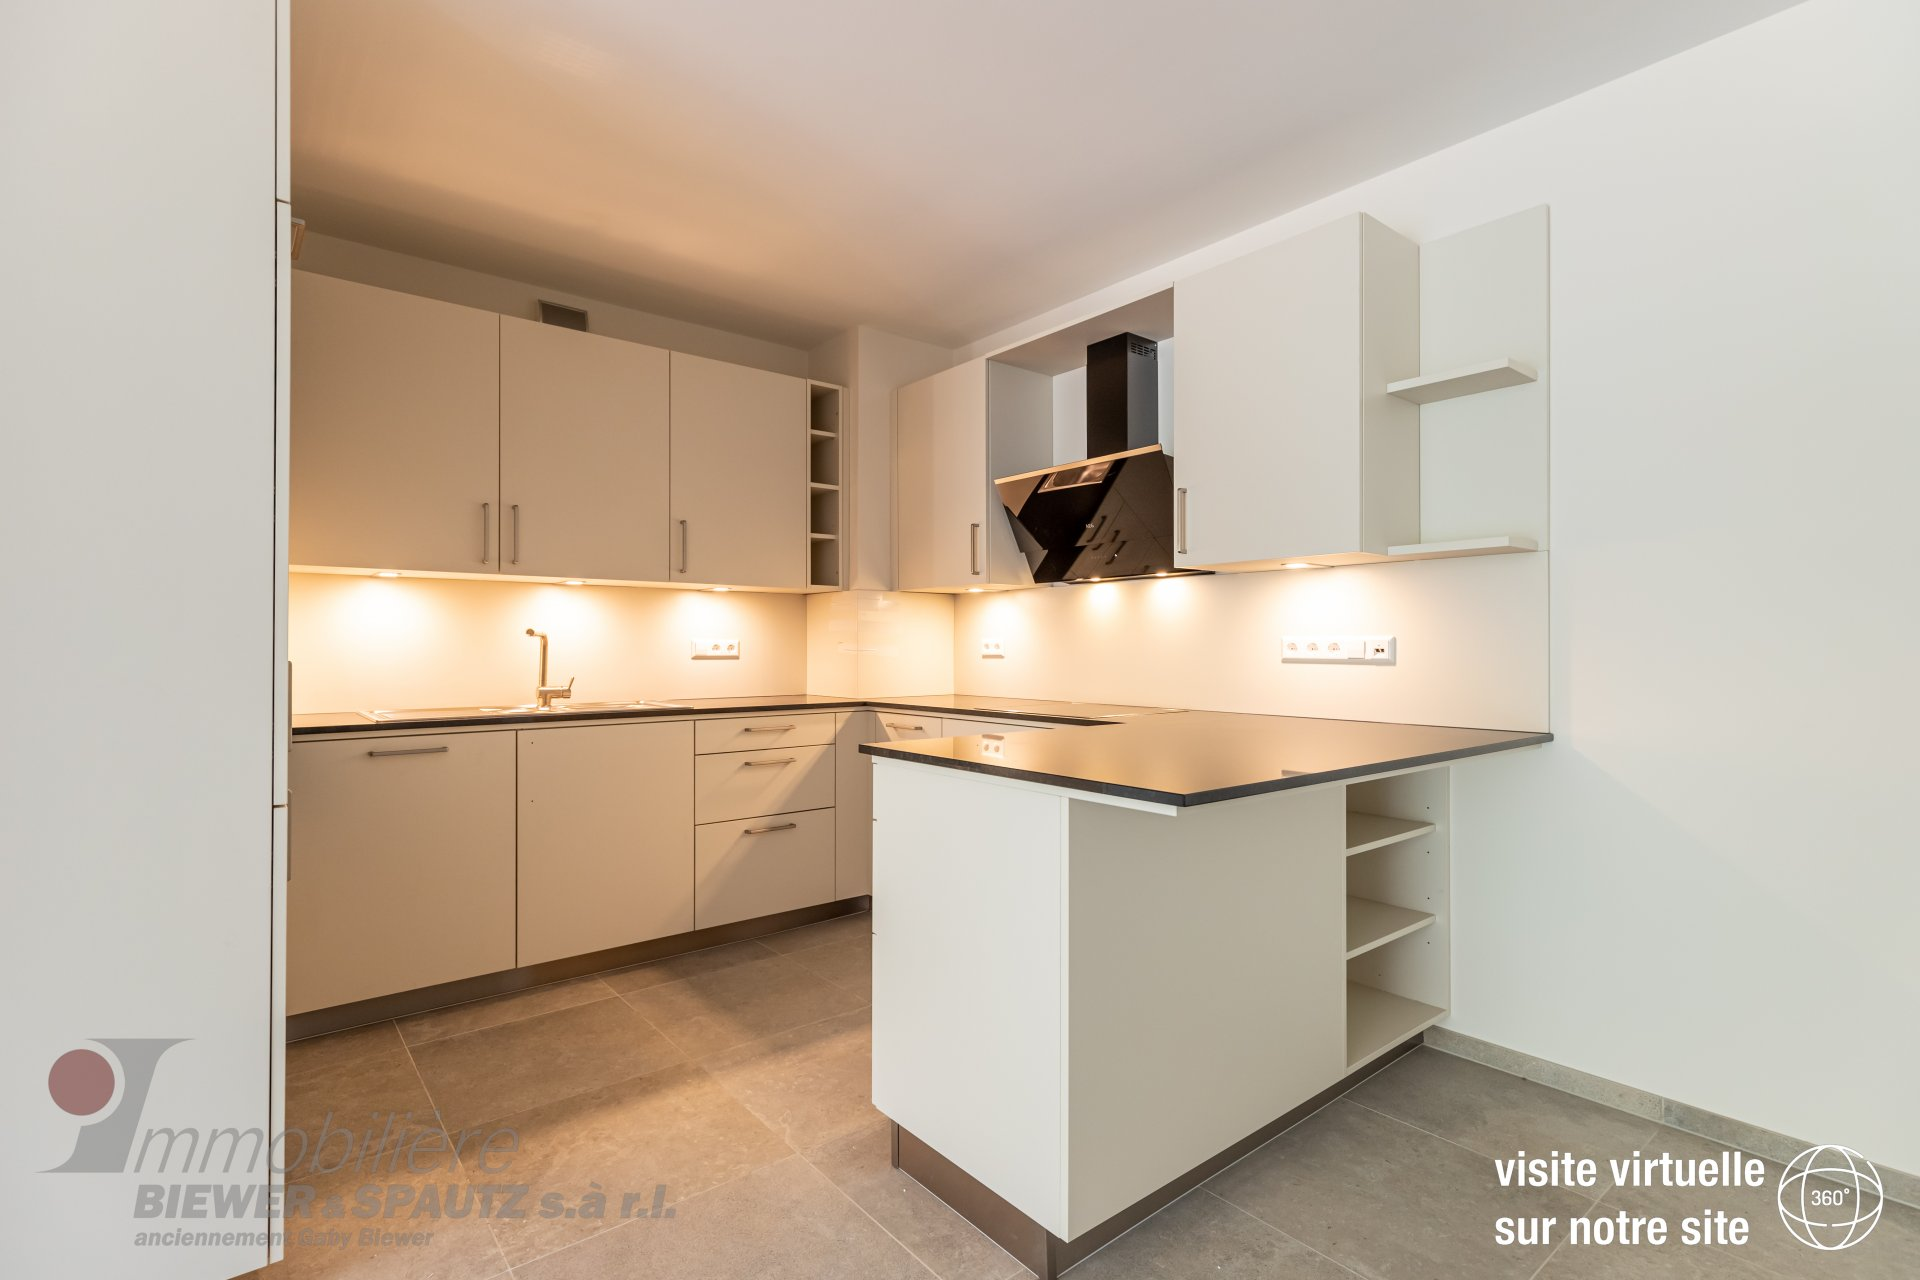 ZU VERMIETEN - Wohnung mit 2 Schlafzimmern in Echternach